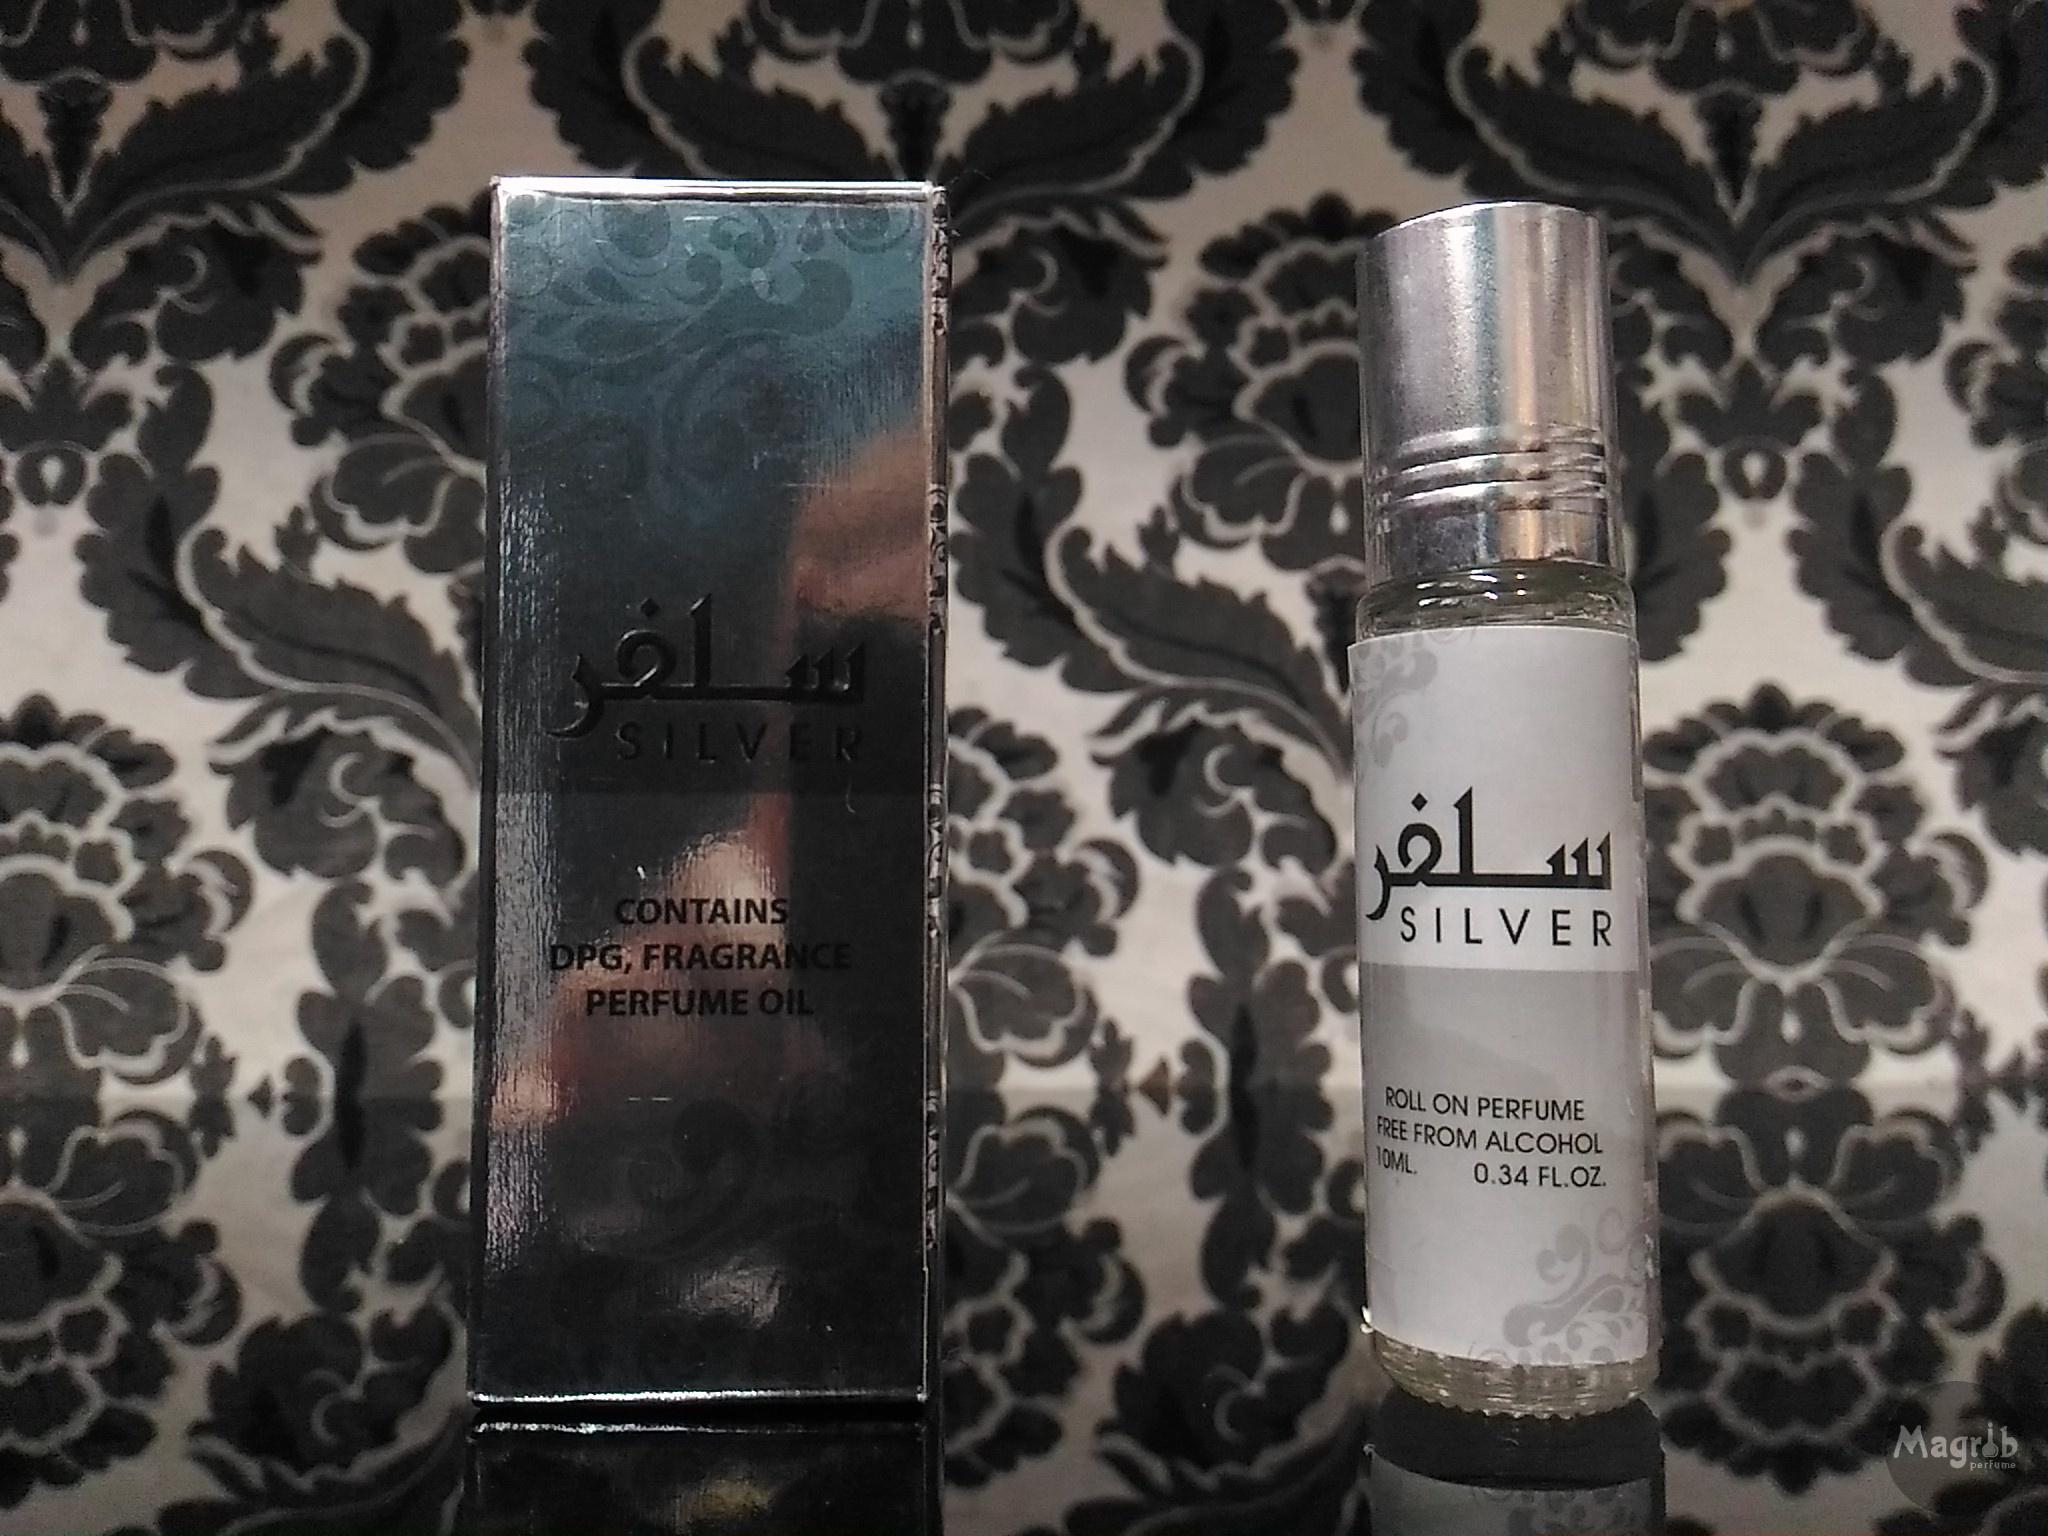 Ard al Zaafaran Silver 10ml - унисекс, масляные духи